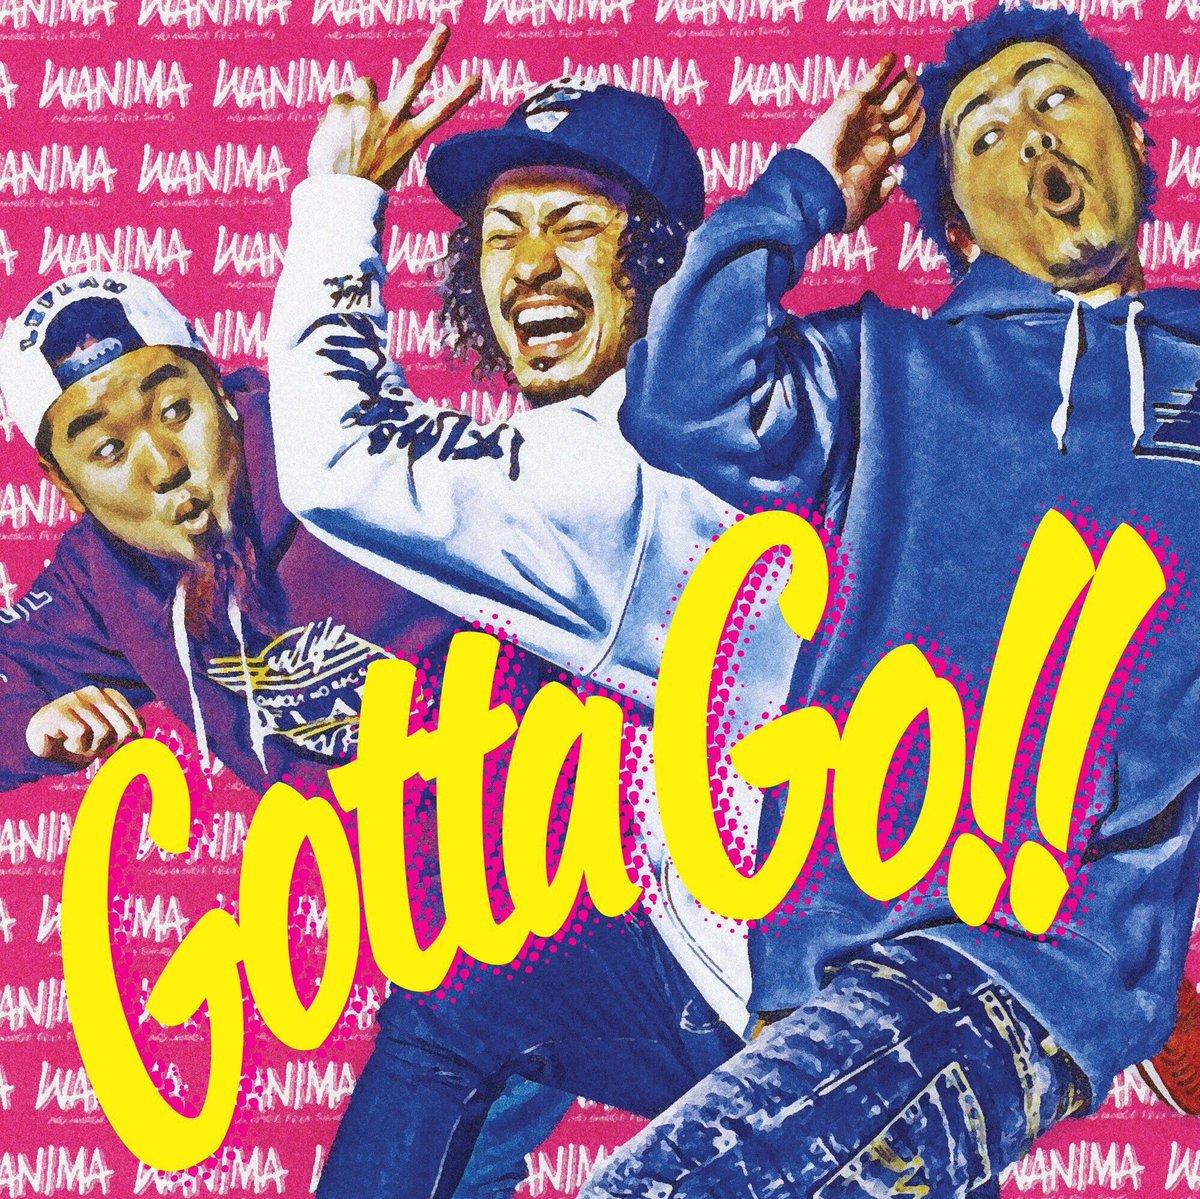 【ミュージックステーション】  本日20時‼︎  テレビ朝日系  「MUSIC STATION」  にて3rdシングルGotta Go‼︎から「CHARM」を唄わせて頂きます‼︎  よろしくお願い致します‼︎  #WANIMA #Mステ